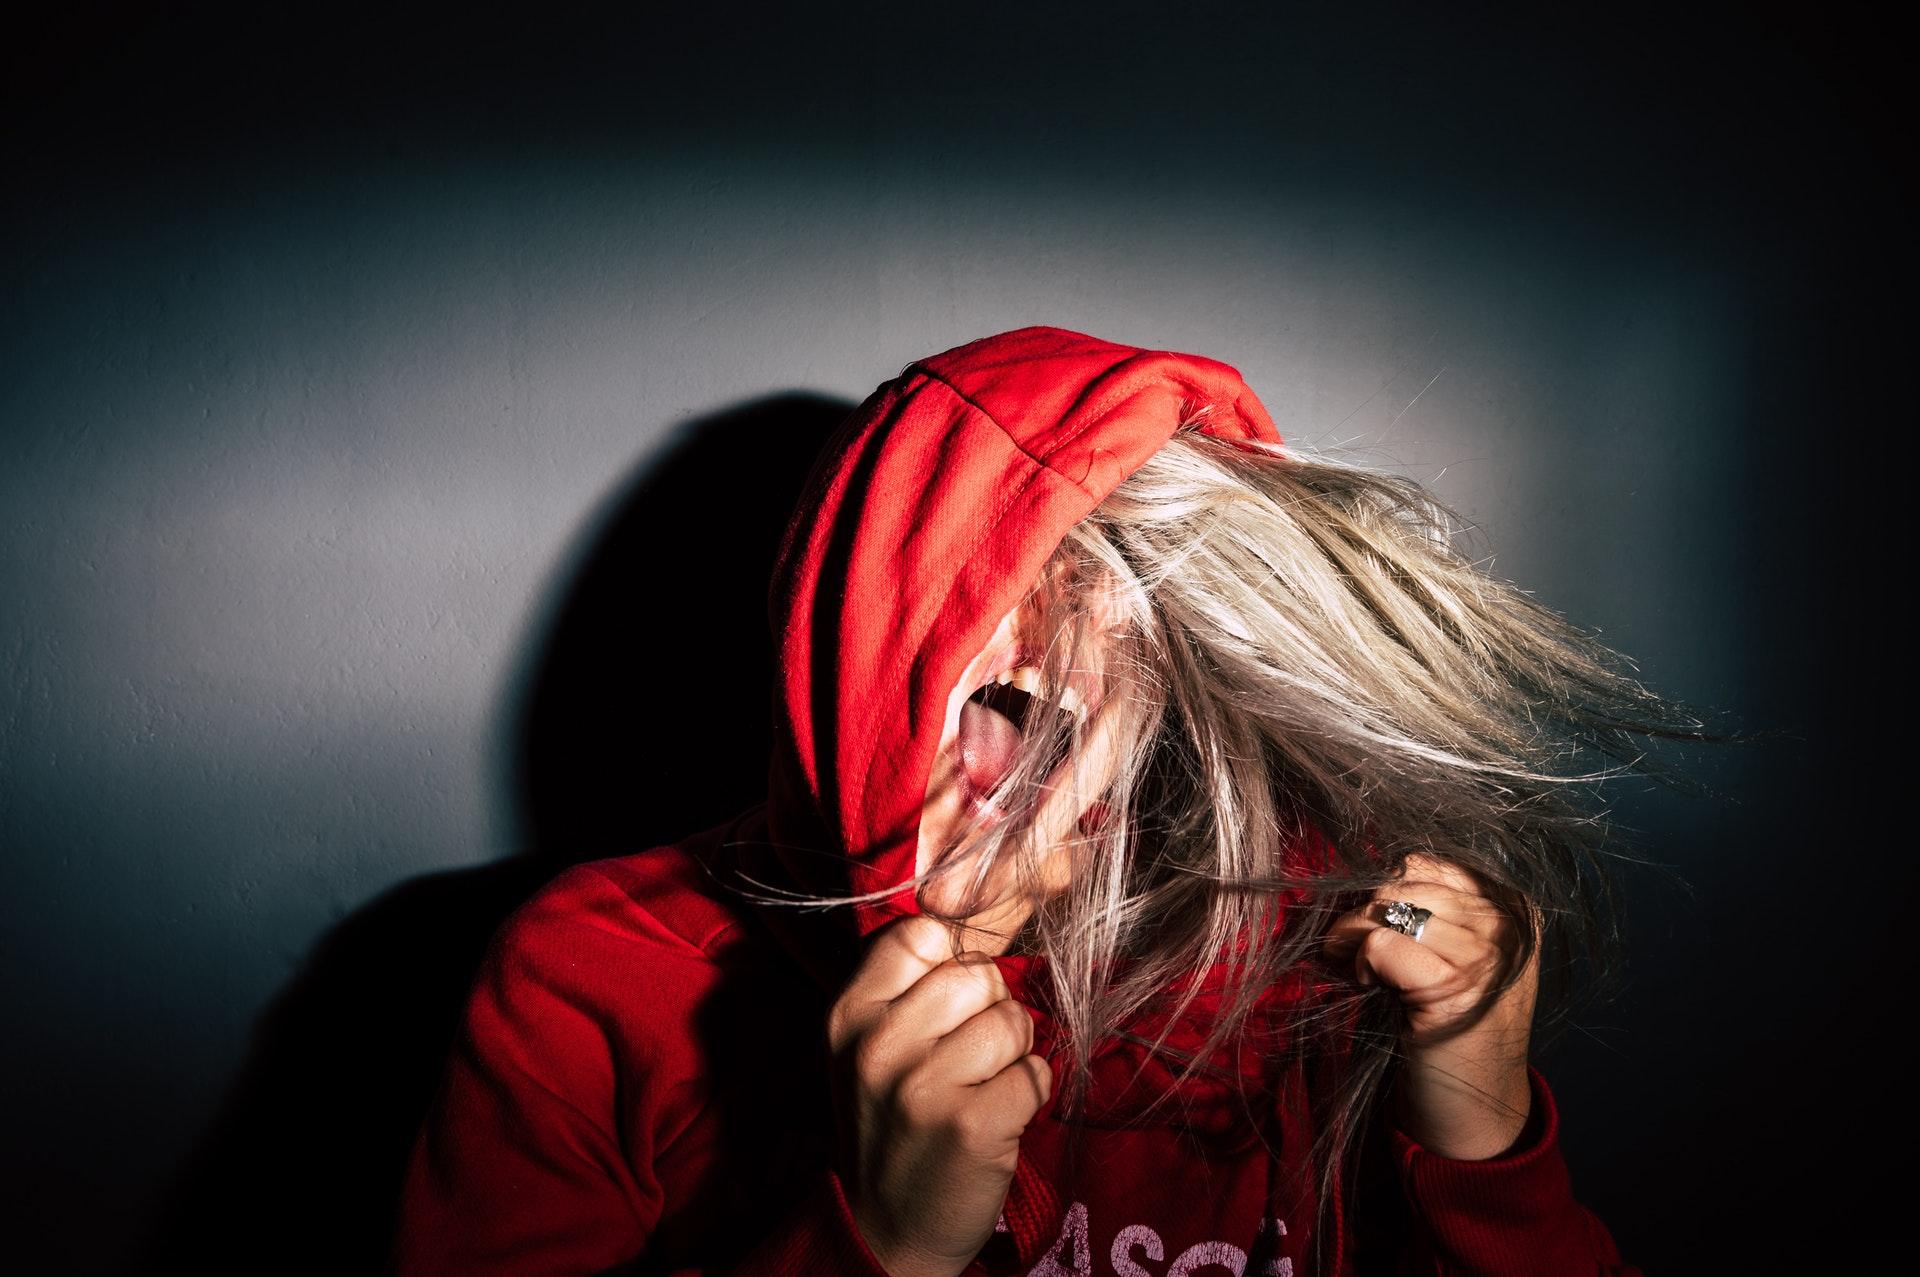 Girl-angry